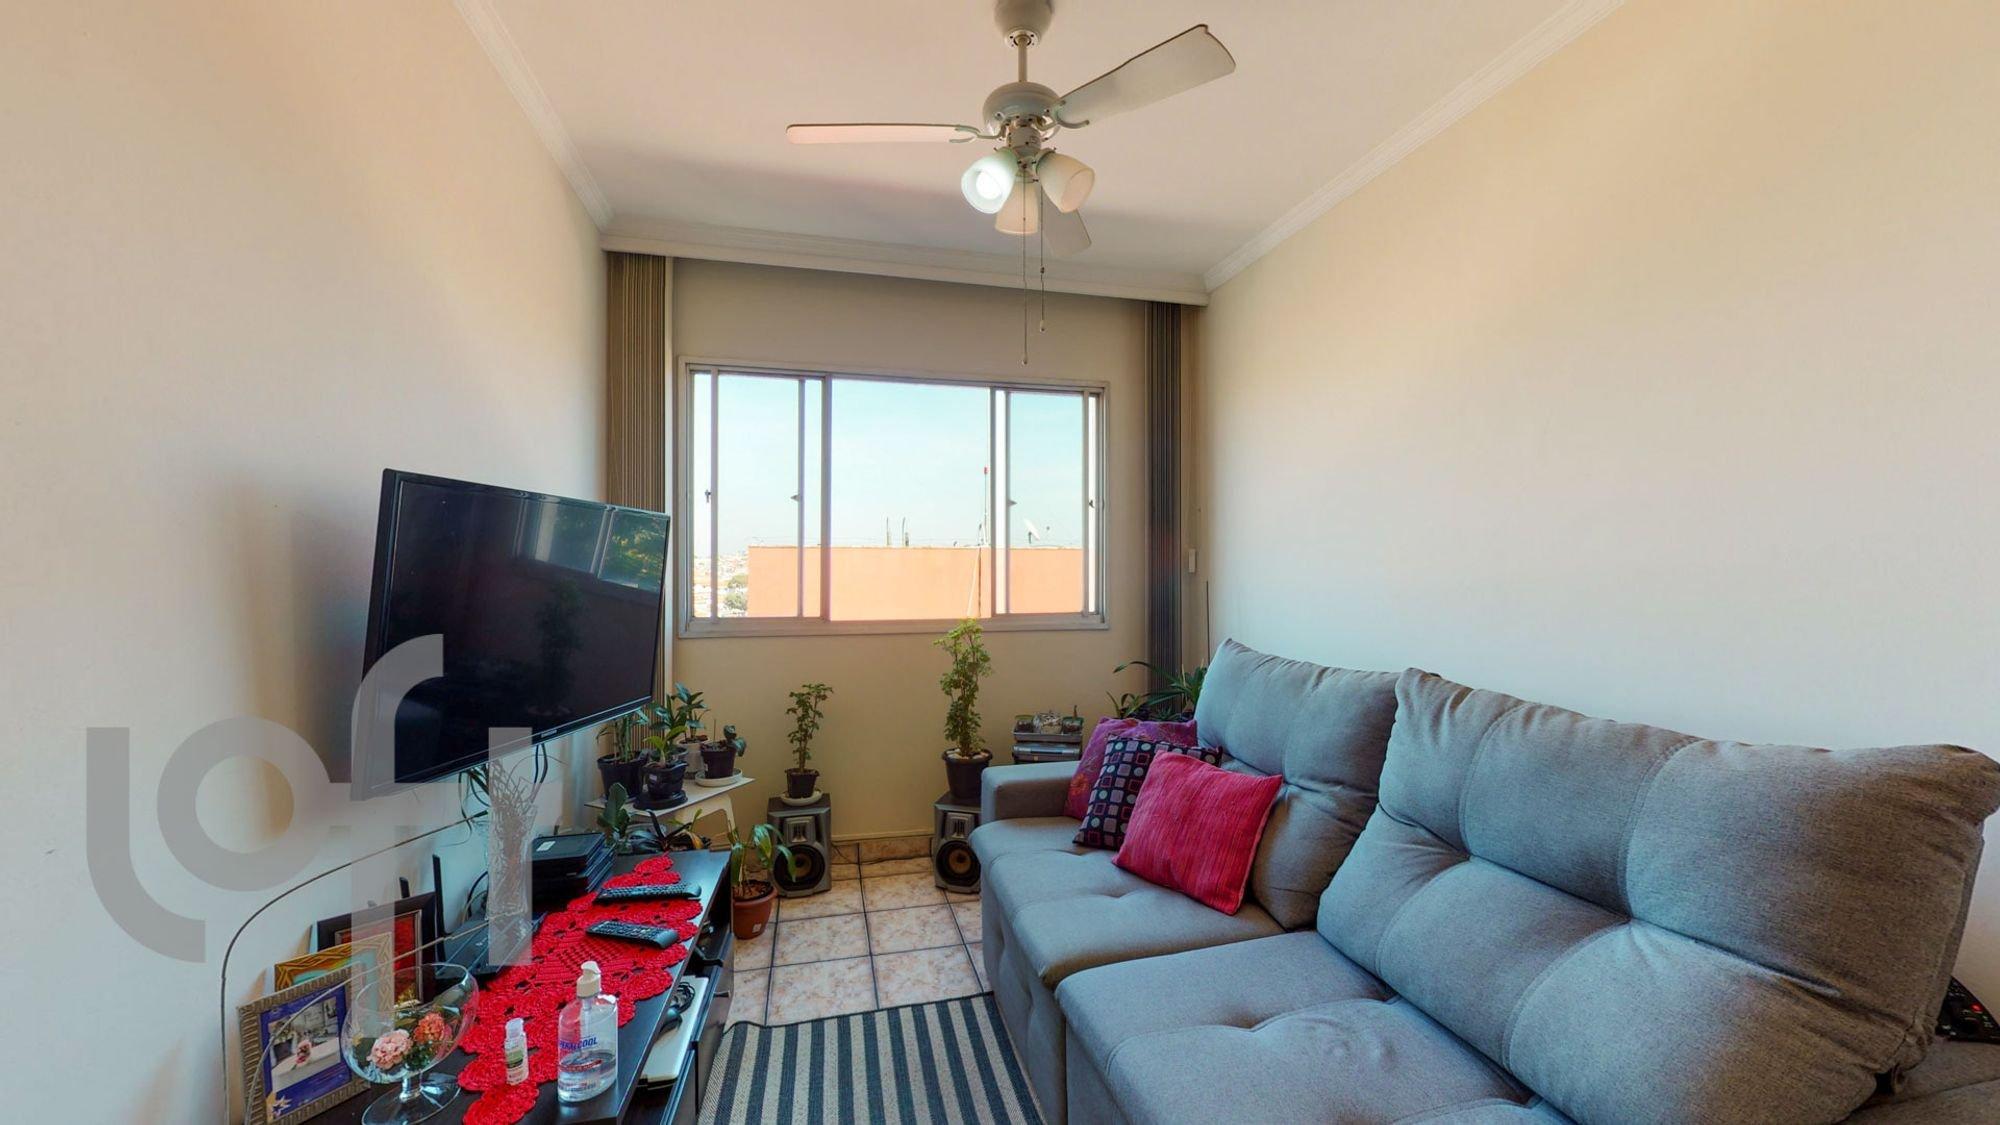 Foto de Sala com vaso de planta, sofá, televisão